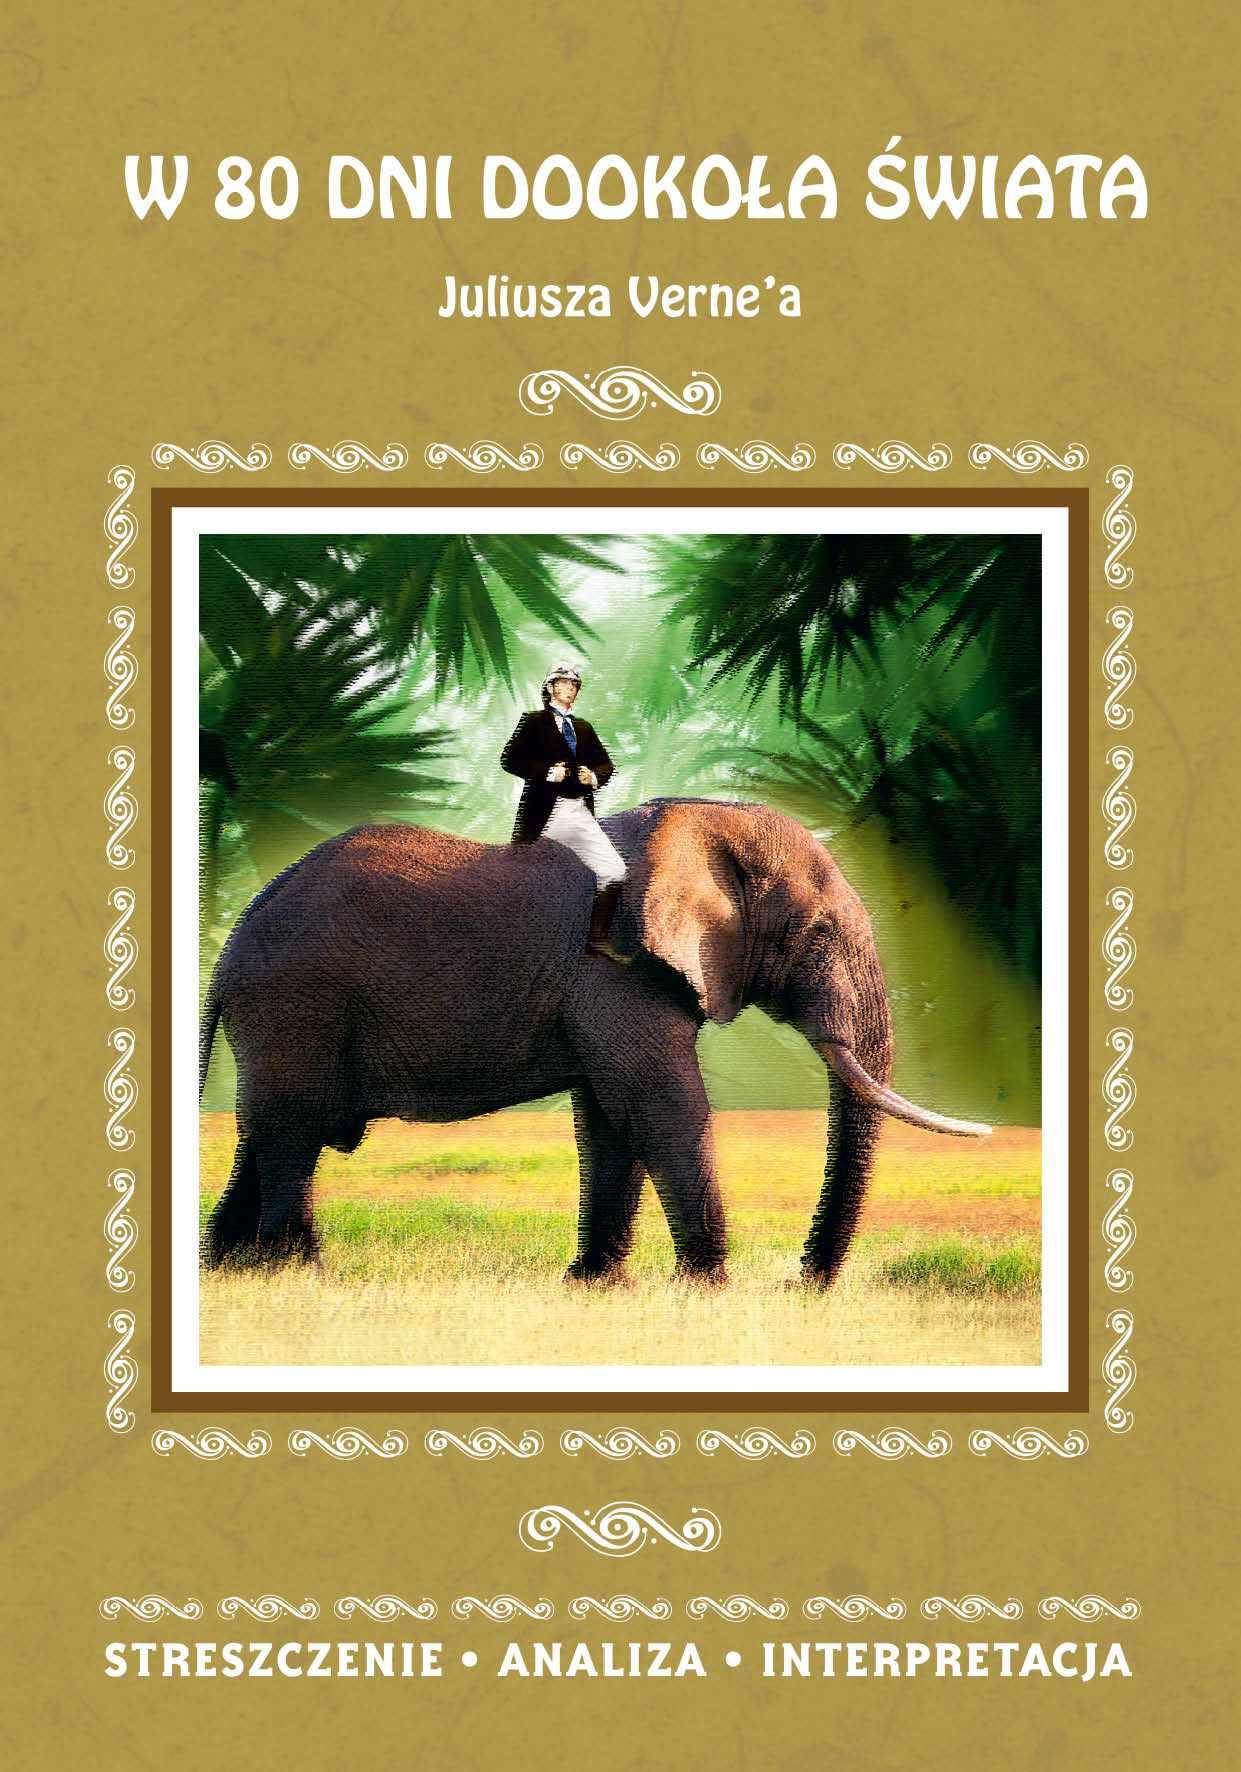 W 80 dni dookoła świata Juliusza Verne'a. Streszczenie, analiza, interpretacja - Ebook (Książka PDF) do pobrania w formacie PDF